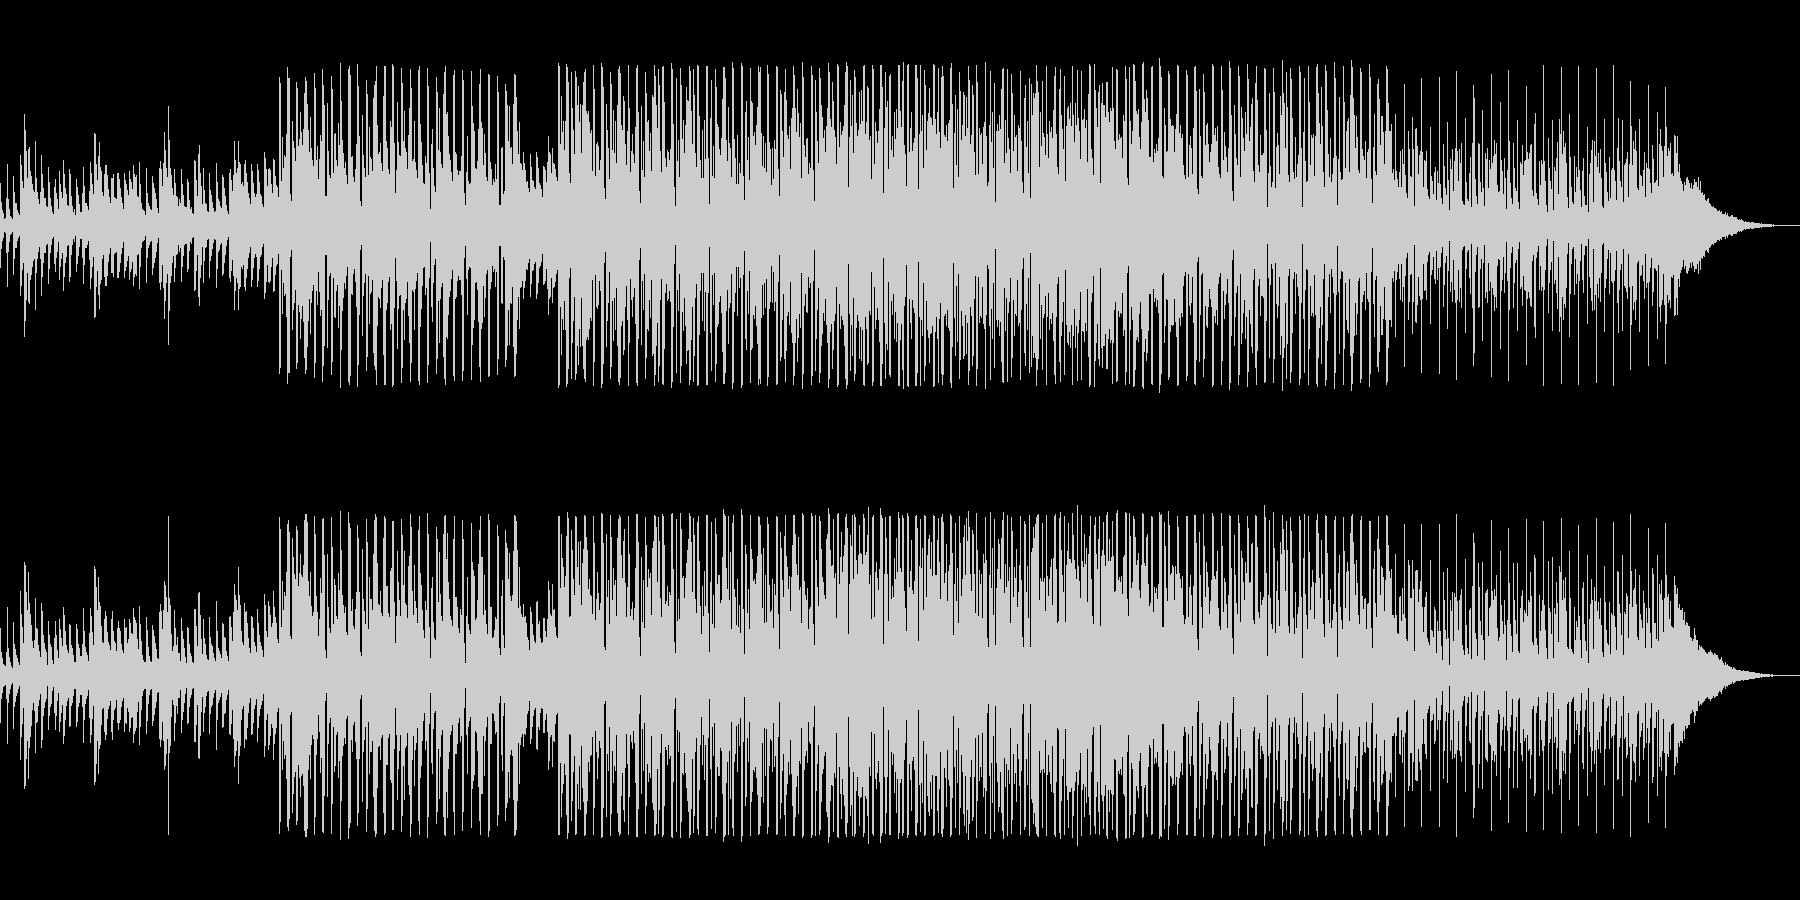 ダークな印象のEDMの未再生の波形